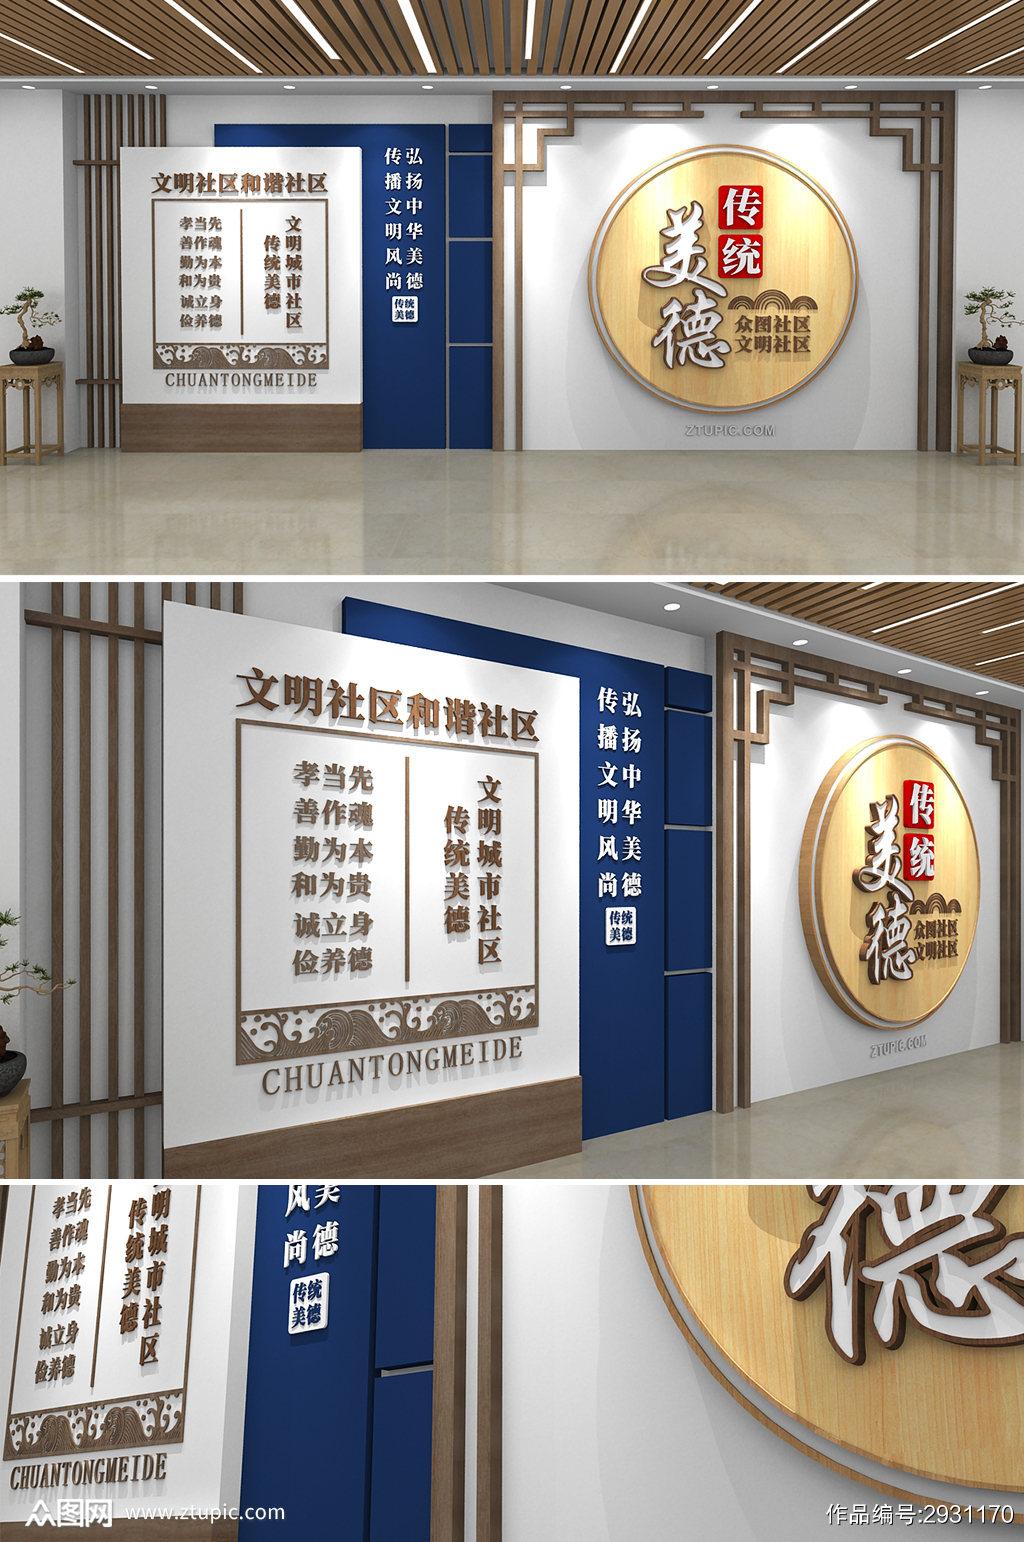 中式书籍文明城市社区传统美德文化墙素材